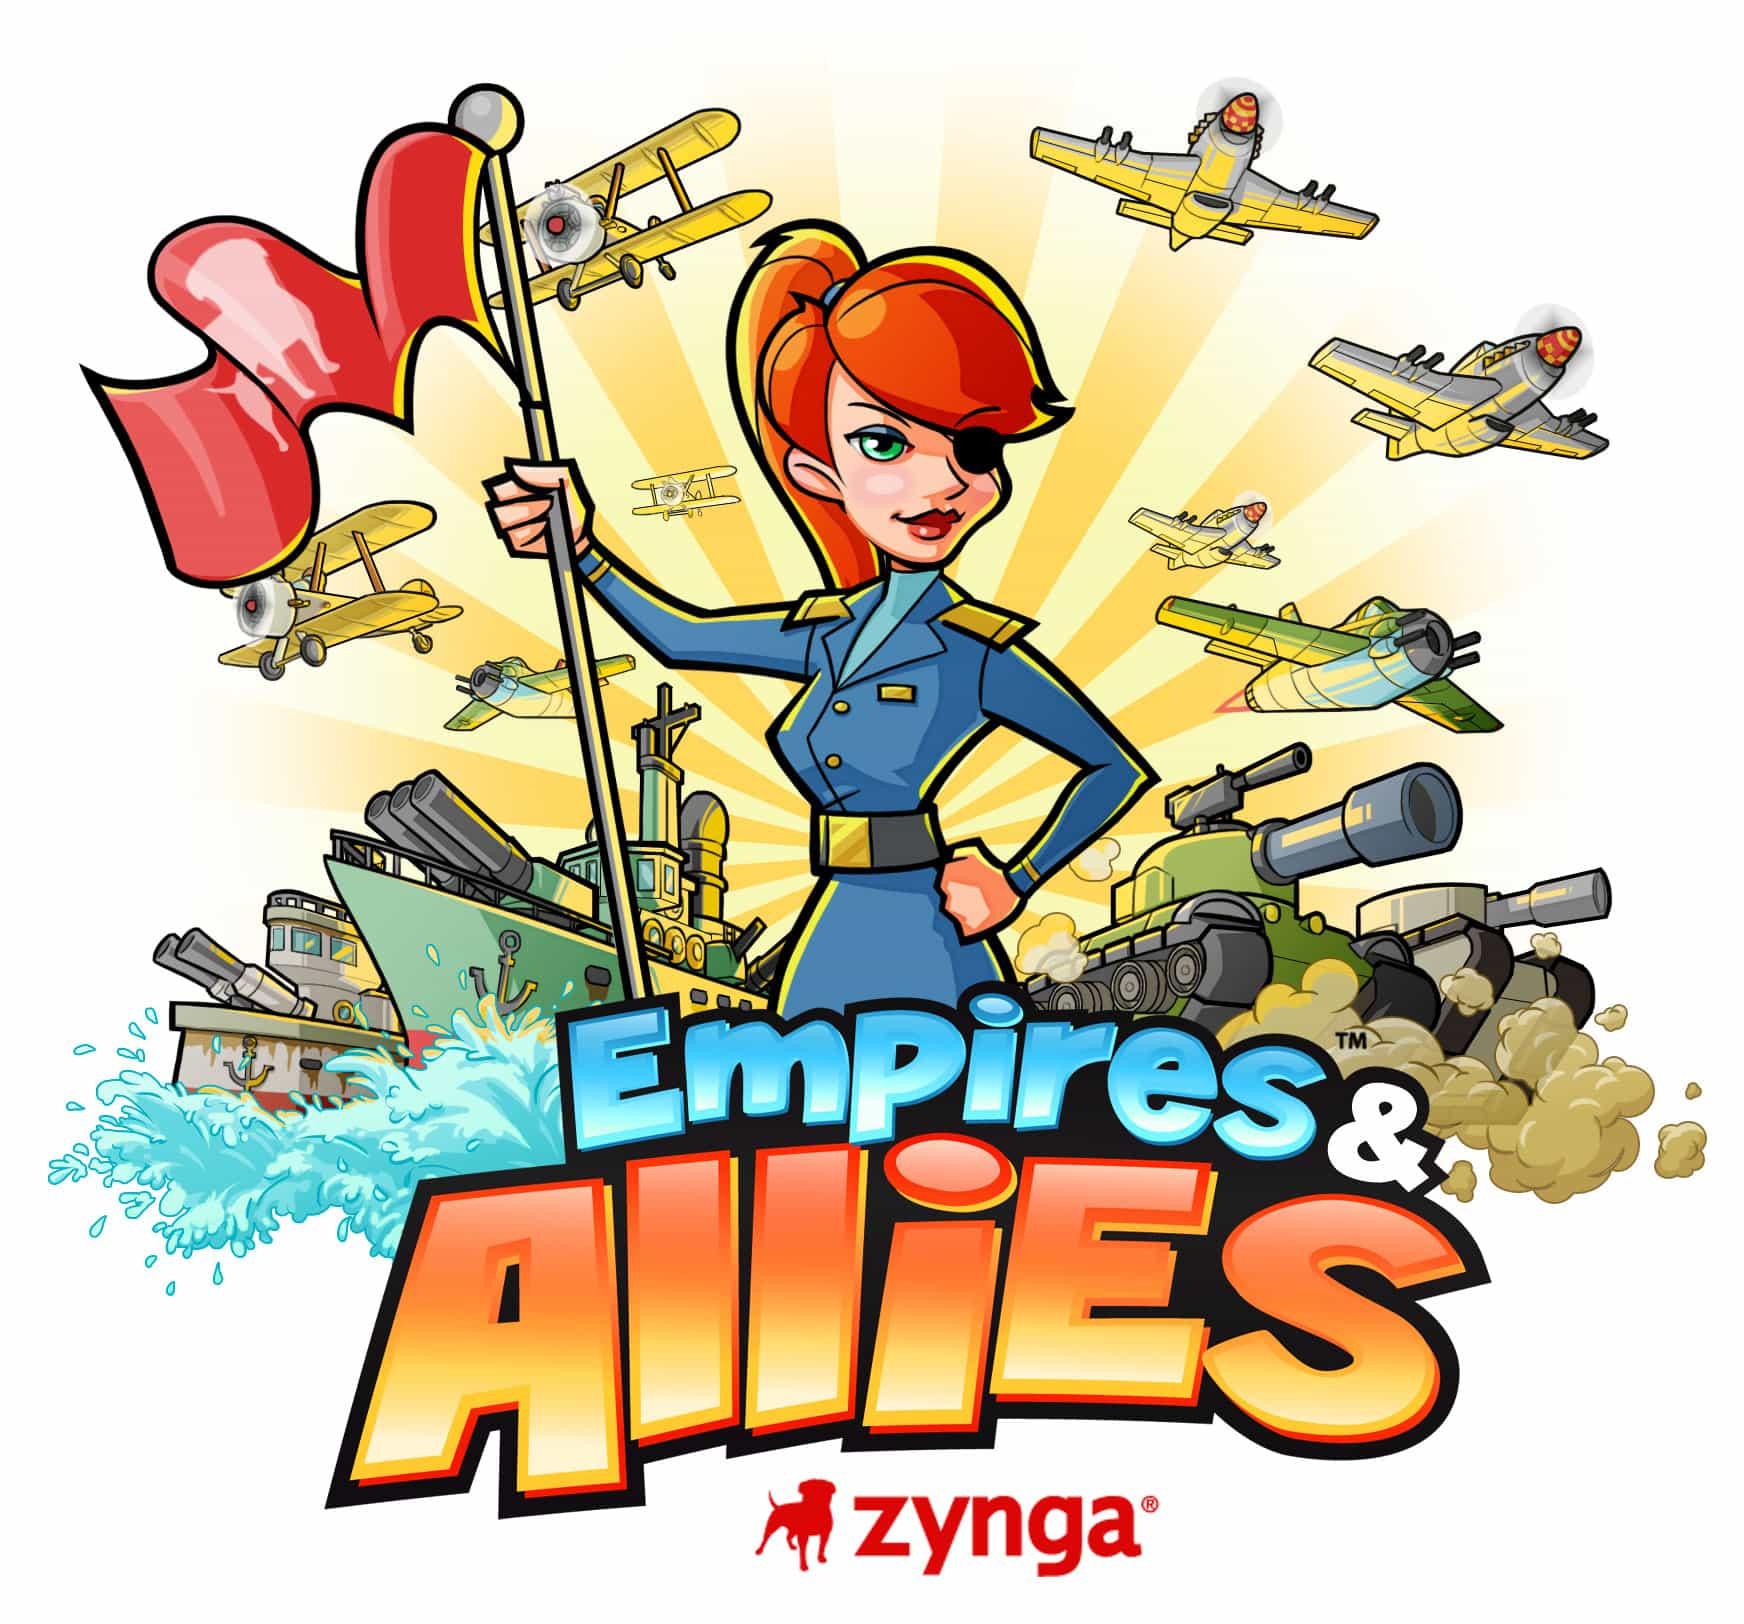 Logo del juego Empires & Allies de Zynga